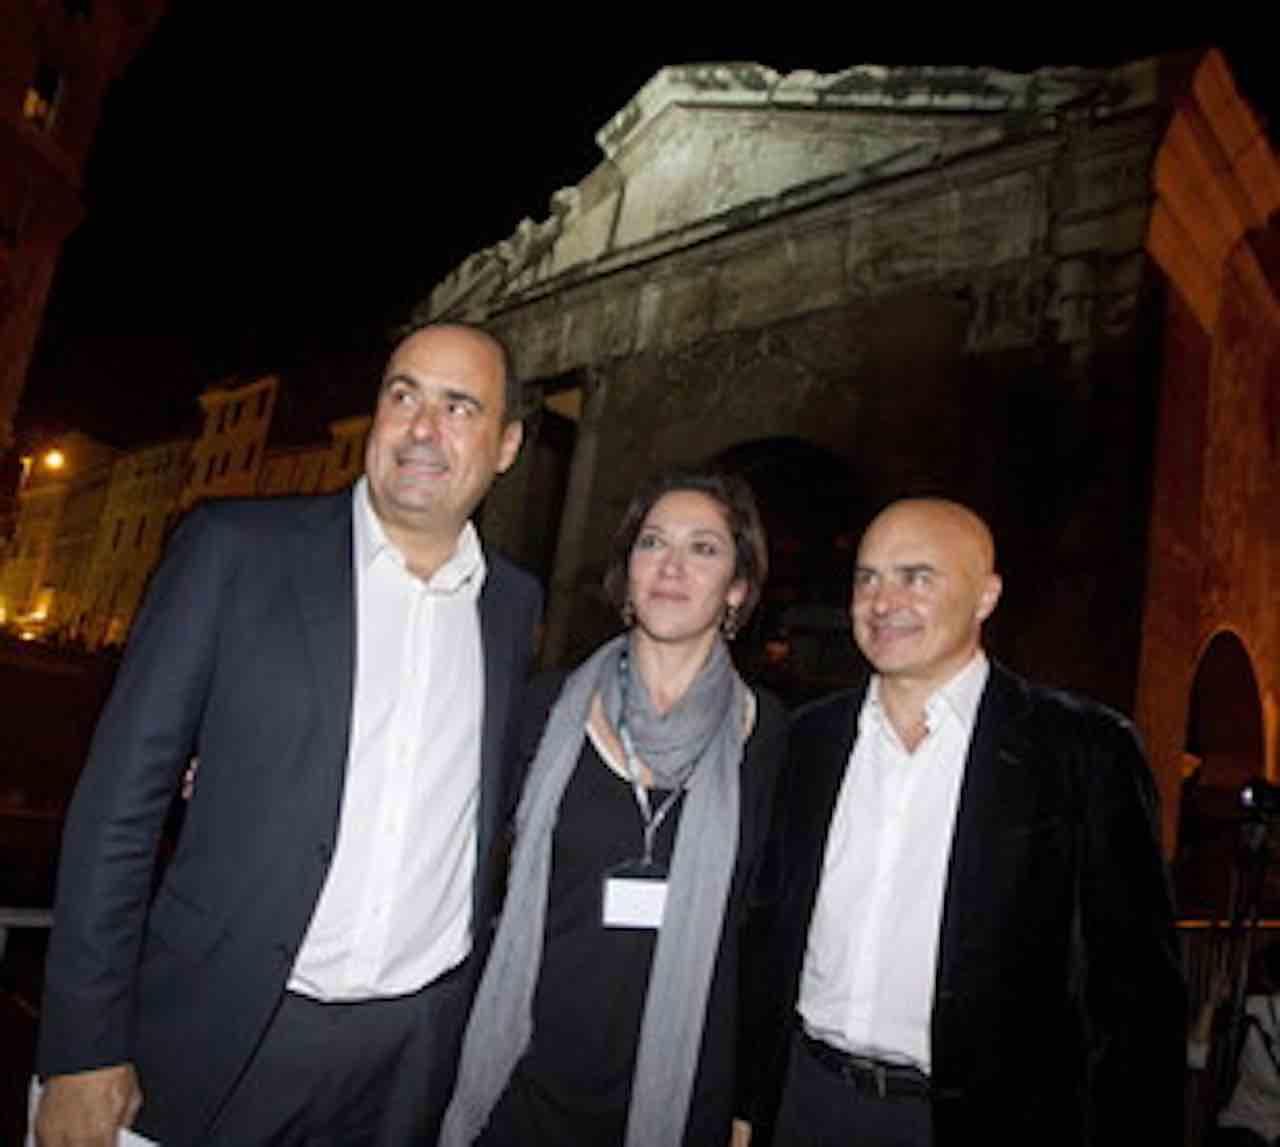 Grave lutto per i Zingaretti: Nicola e Luca costretti a dirle addio